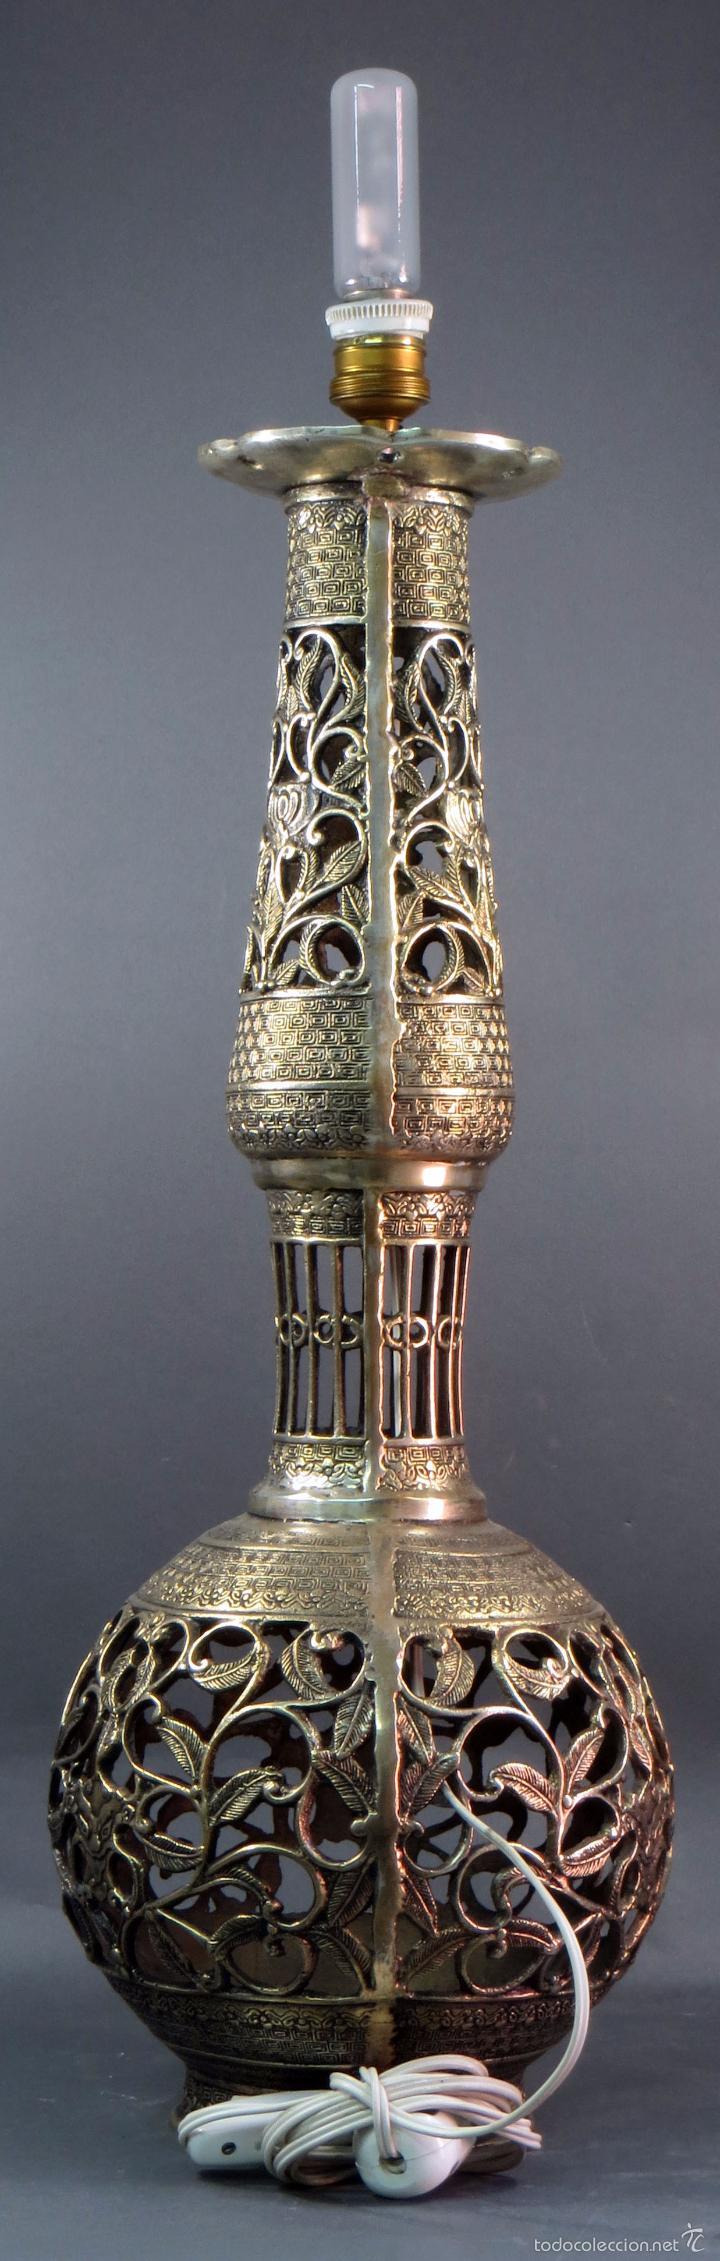 Antigüedades: Pie lámpara sobremesa bronce plateado estilo oriental S XX Funciona - Foto 3 - 58682684